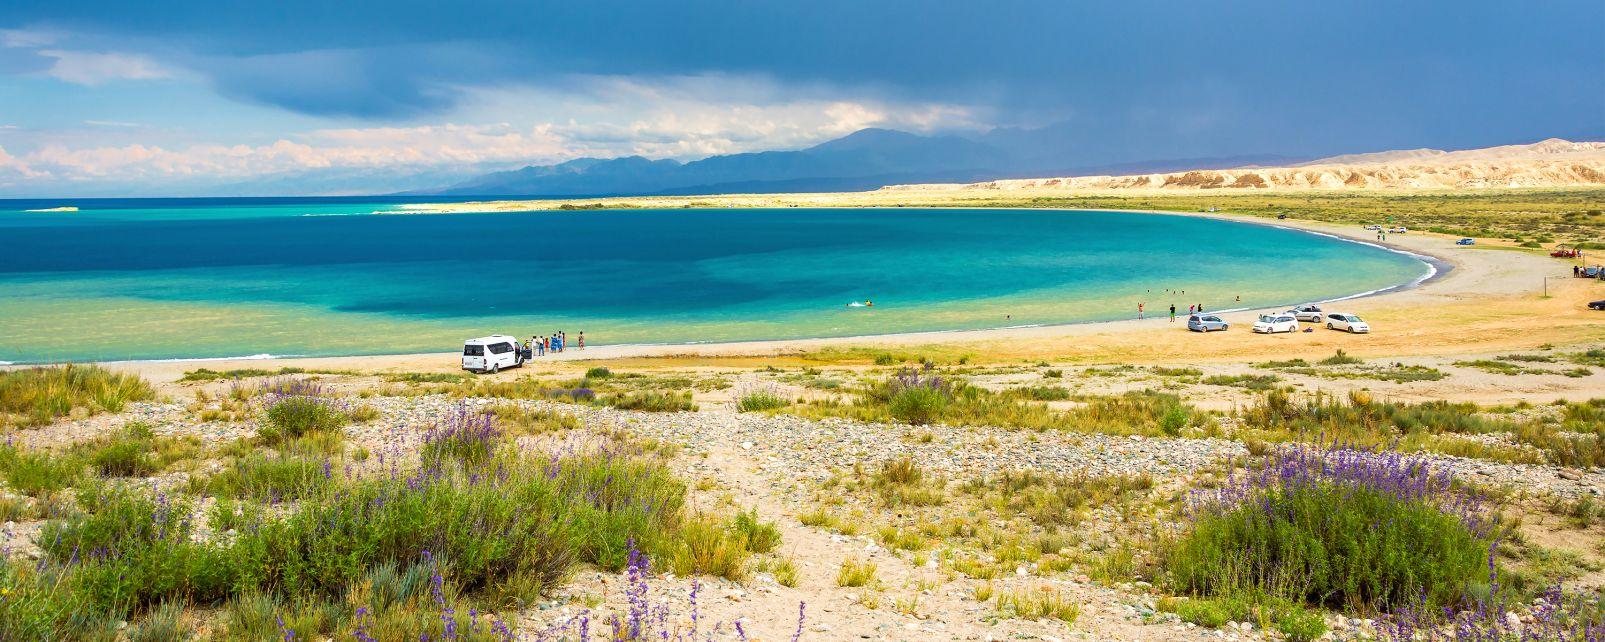 Le lac Issyk-Koul, Les paysages, Kirghizstan